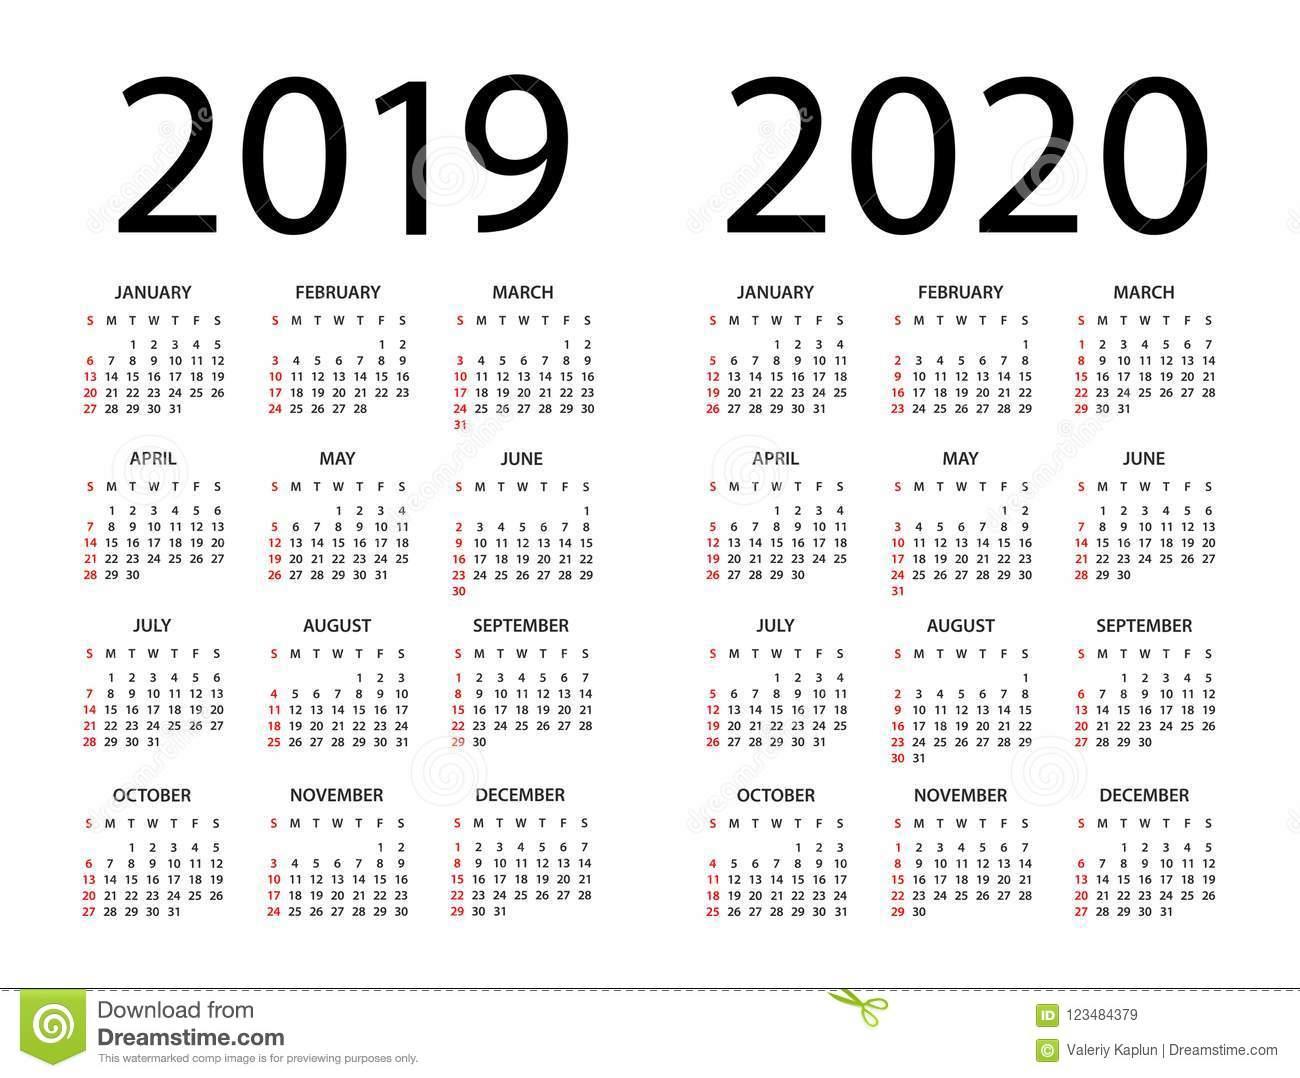 Календарь 2019 2020 - Иллюстрация Старты Недели На Воскресенье regarding U Of R 2020 Calendar